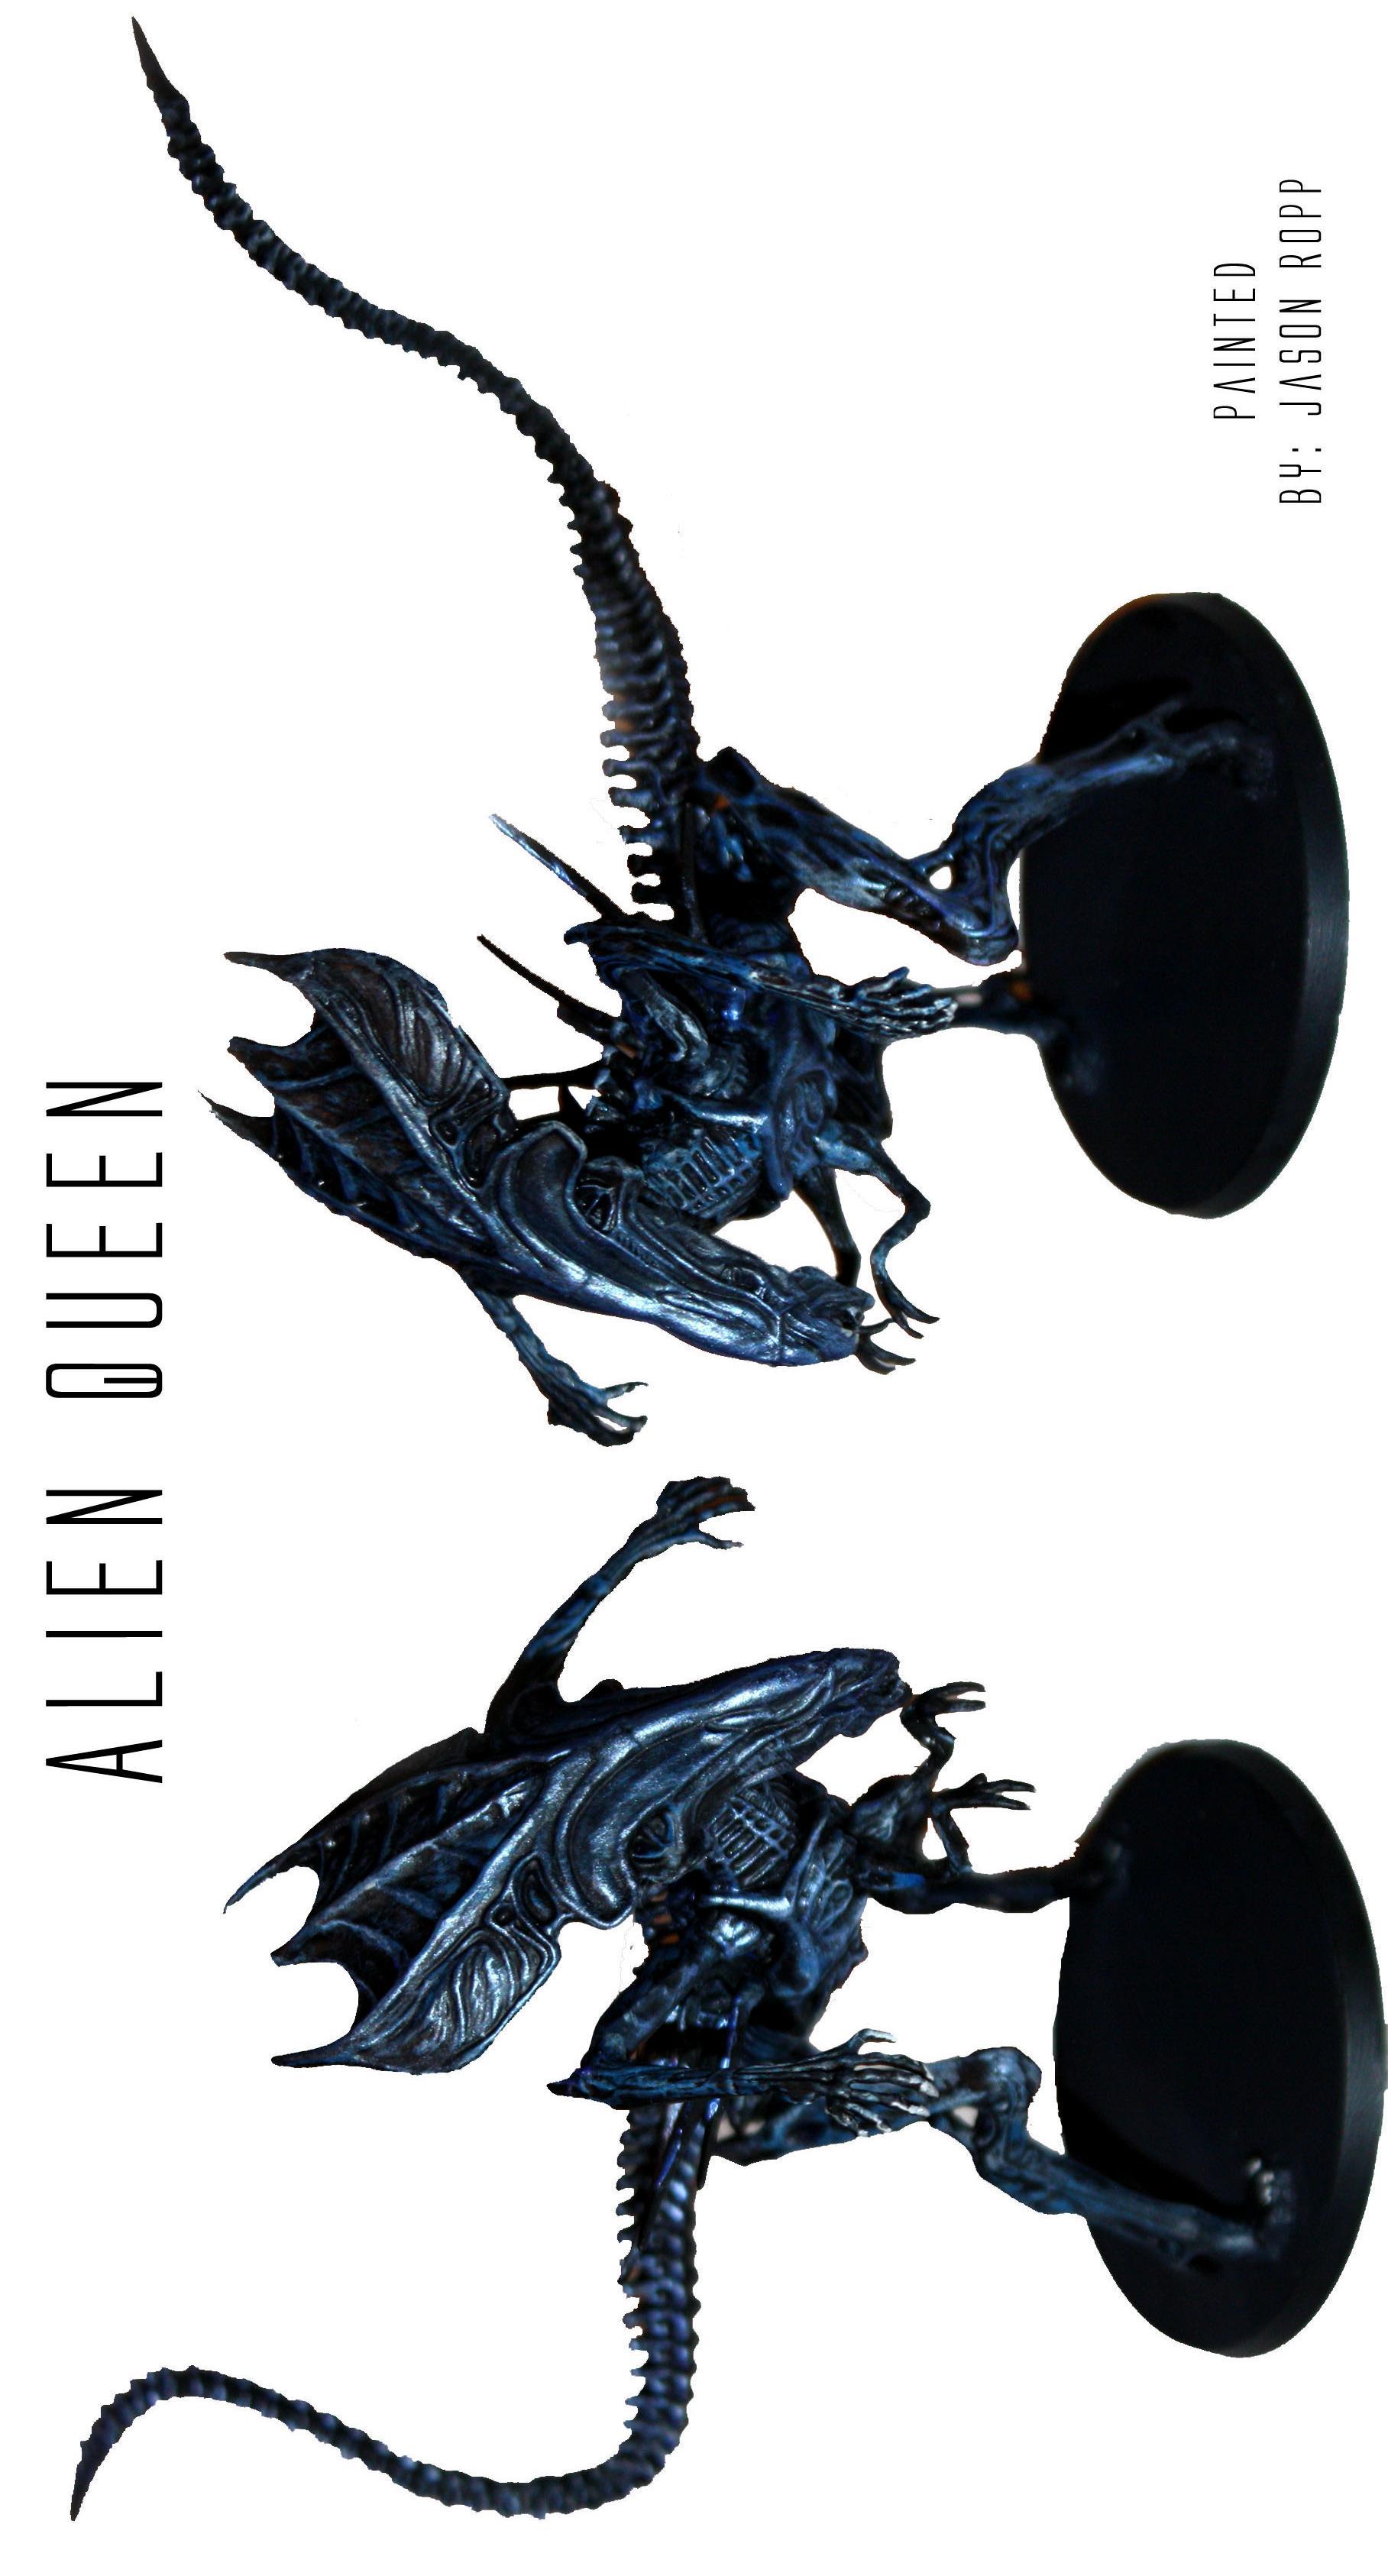 28mm, Alien, Aliens, Avp, Battle, Conversion, Figures, Heroclix, Horrorclix, Konami, Miniature, Miniatures, Predator, Wargame, Xenomorph, Yautja